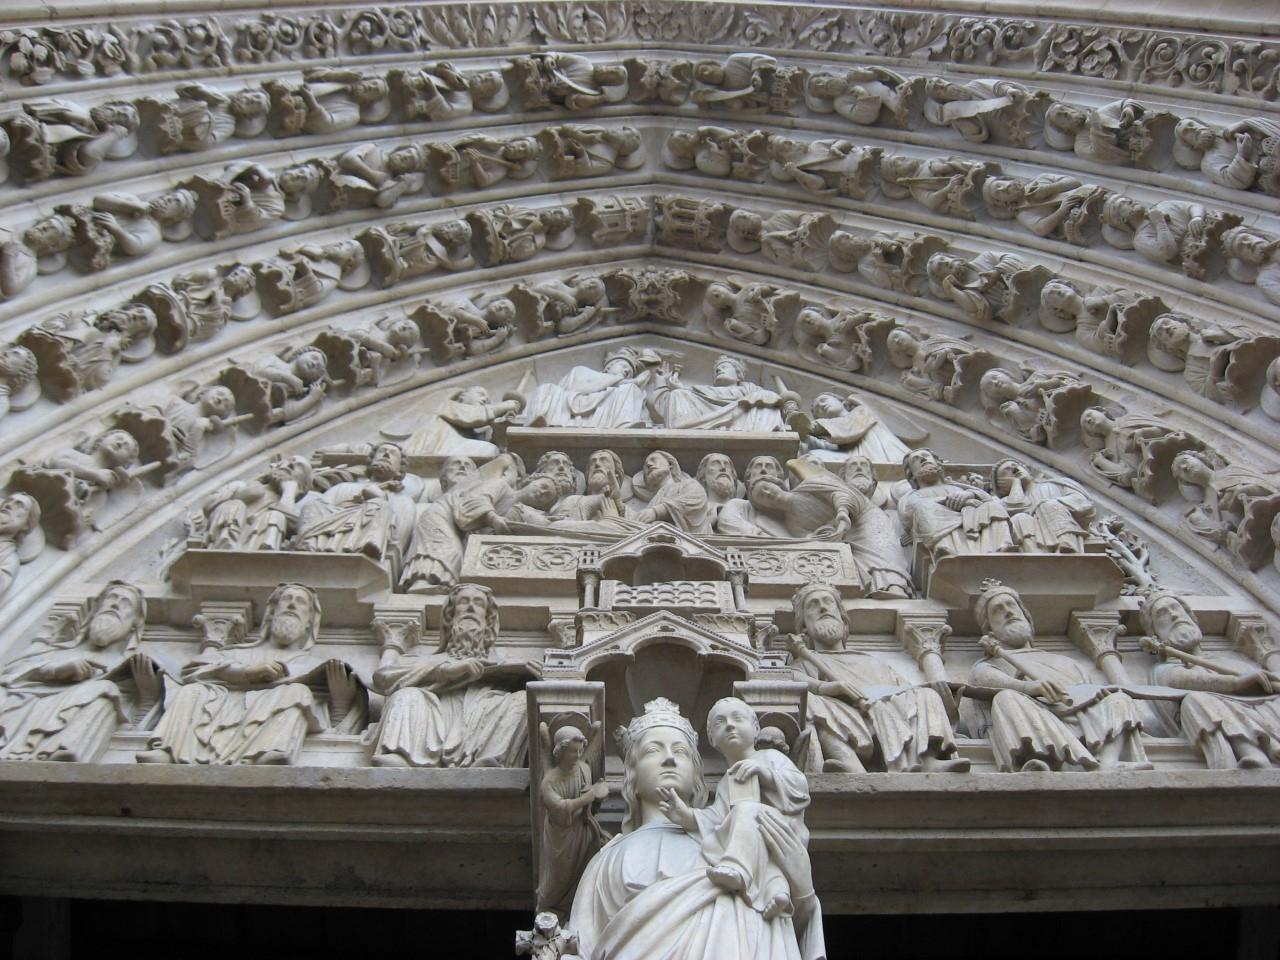 Discorreu sobre as gárgulas da Notre Dame debruçadas sobre Paris, em eterna vigília, as garras e os dentes afiados afastando os males daquele solo santo.